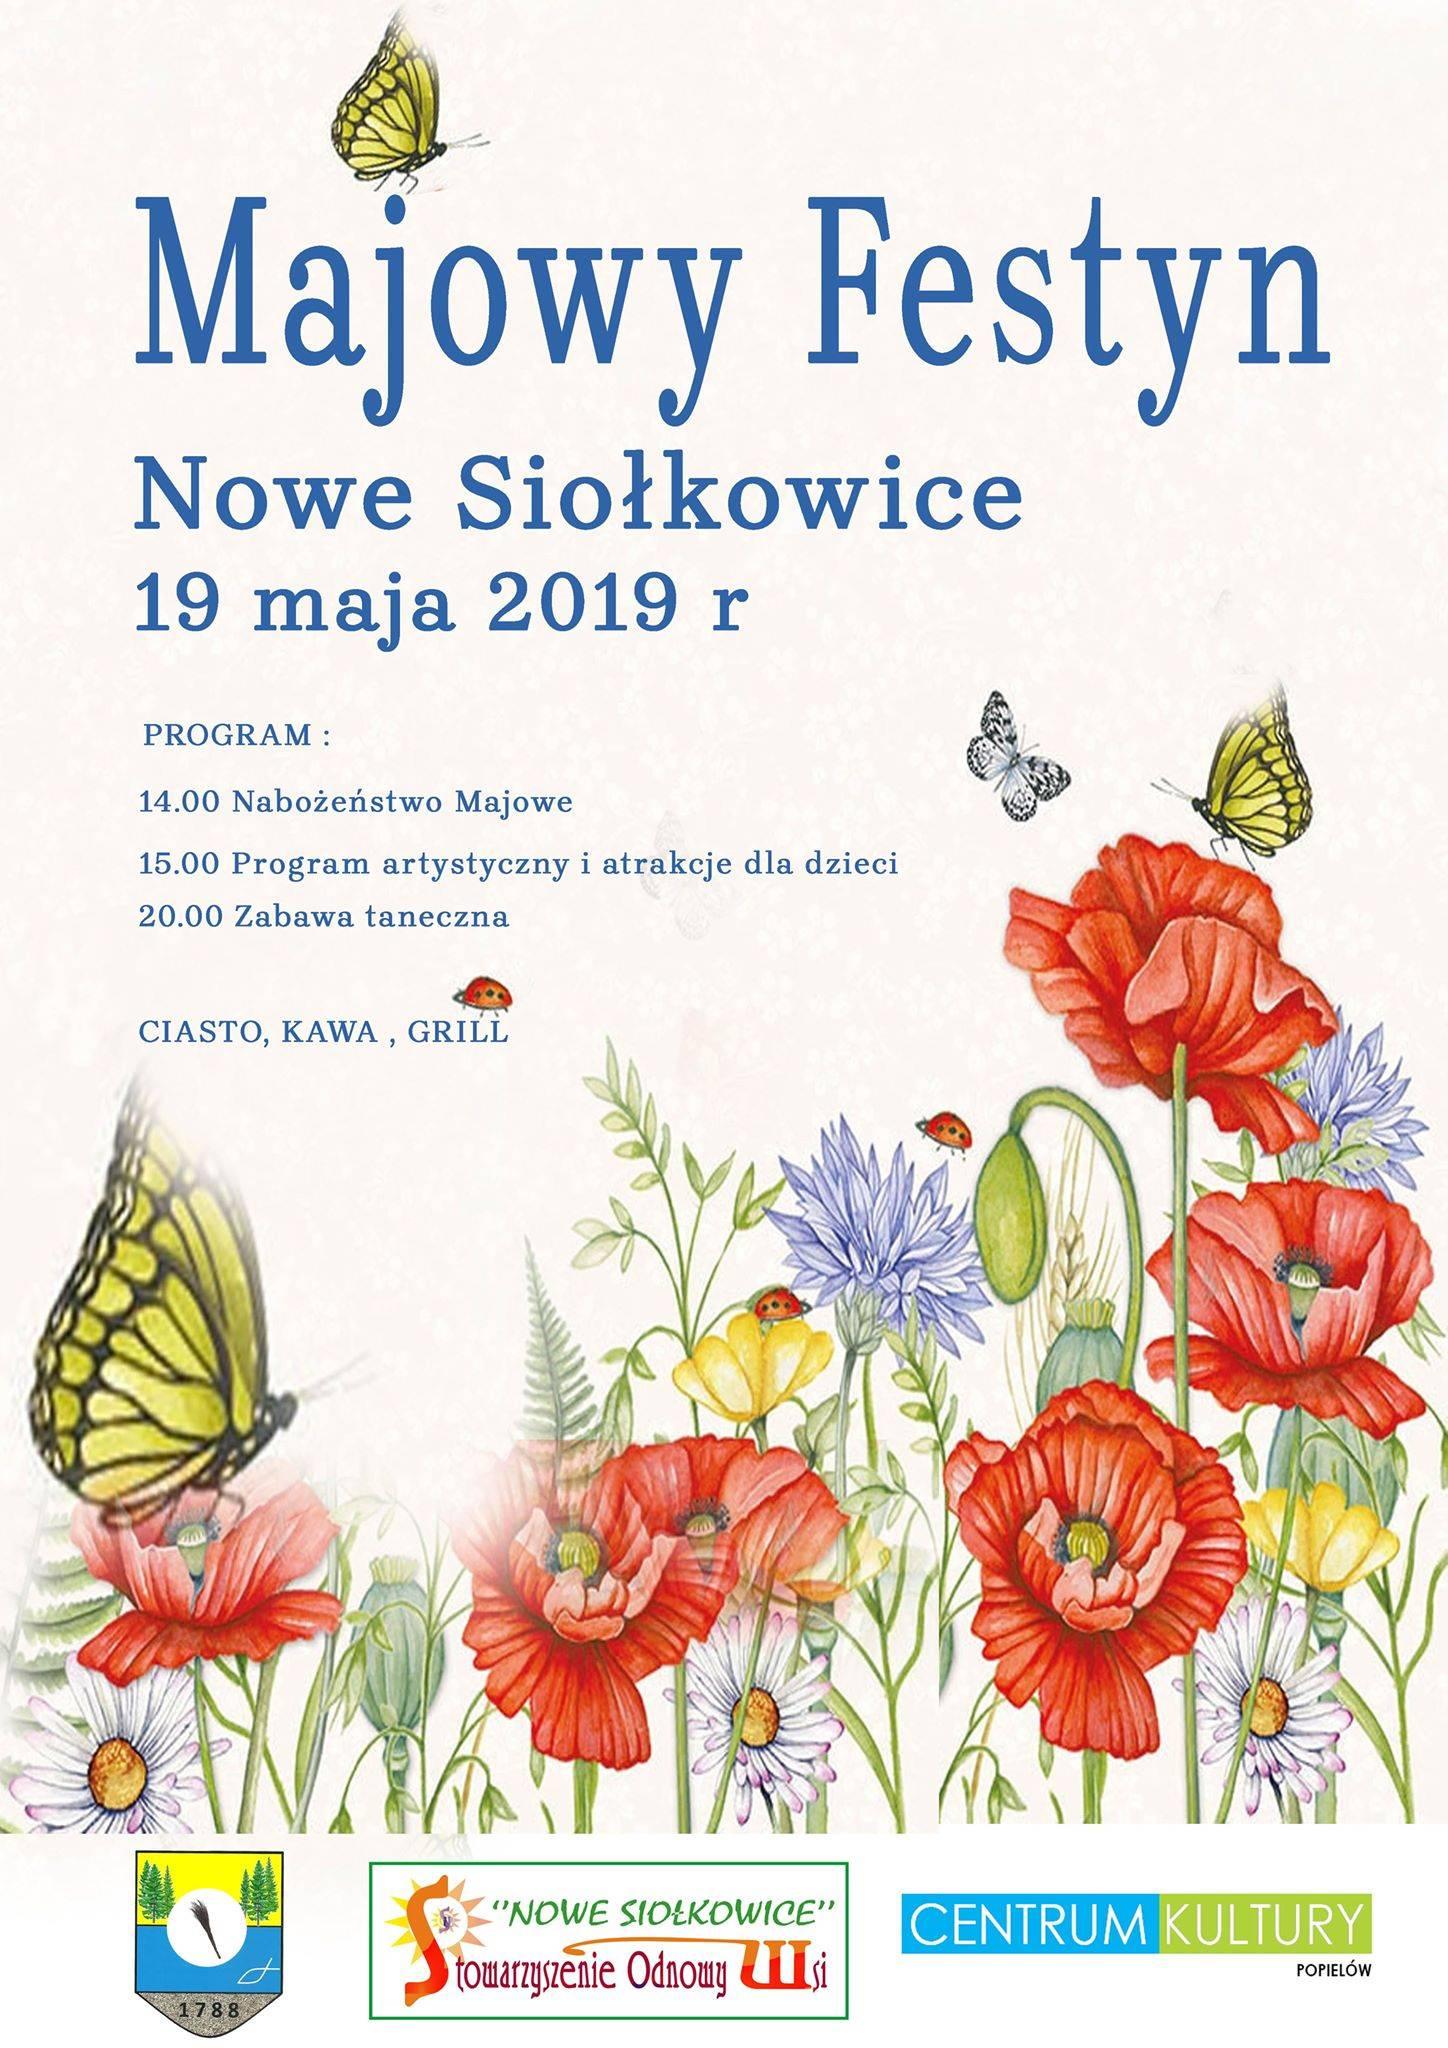 W niedzielę wielki Festyn Majowy w Nowych Siołkowicach!